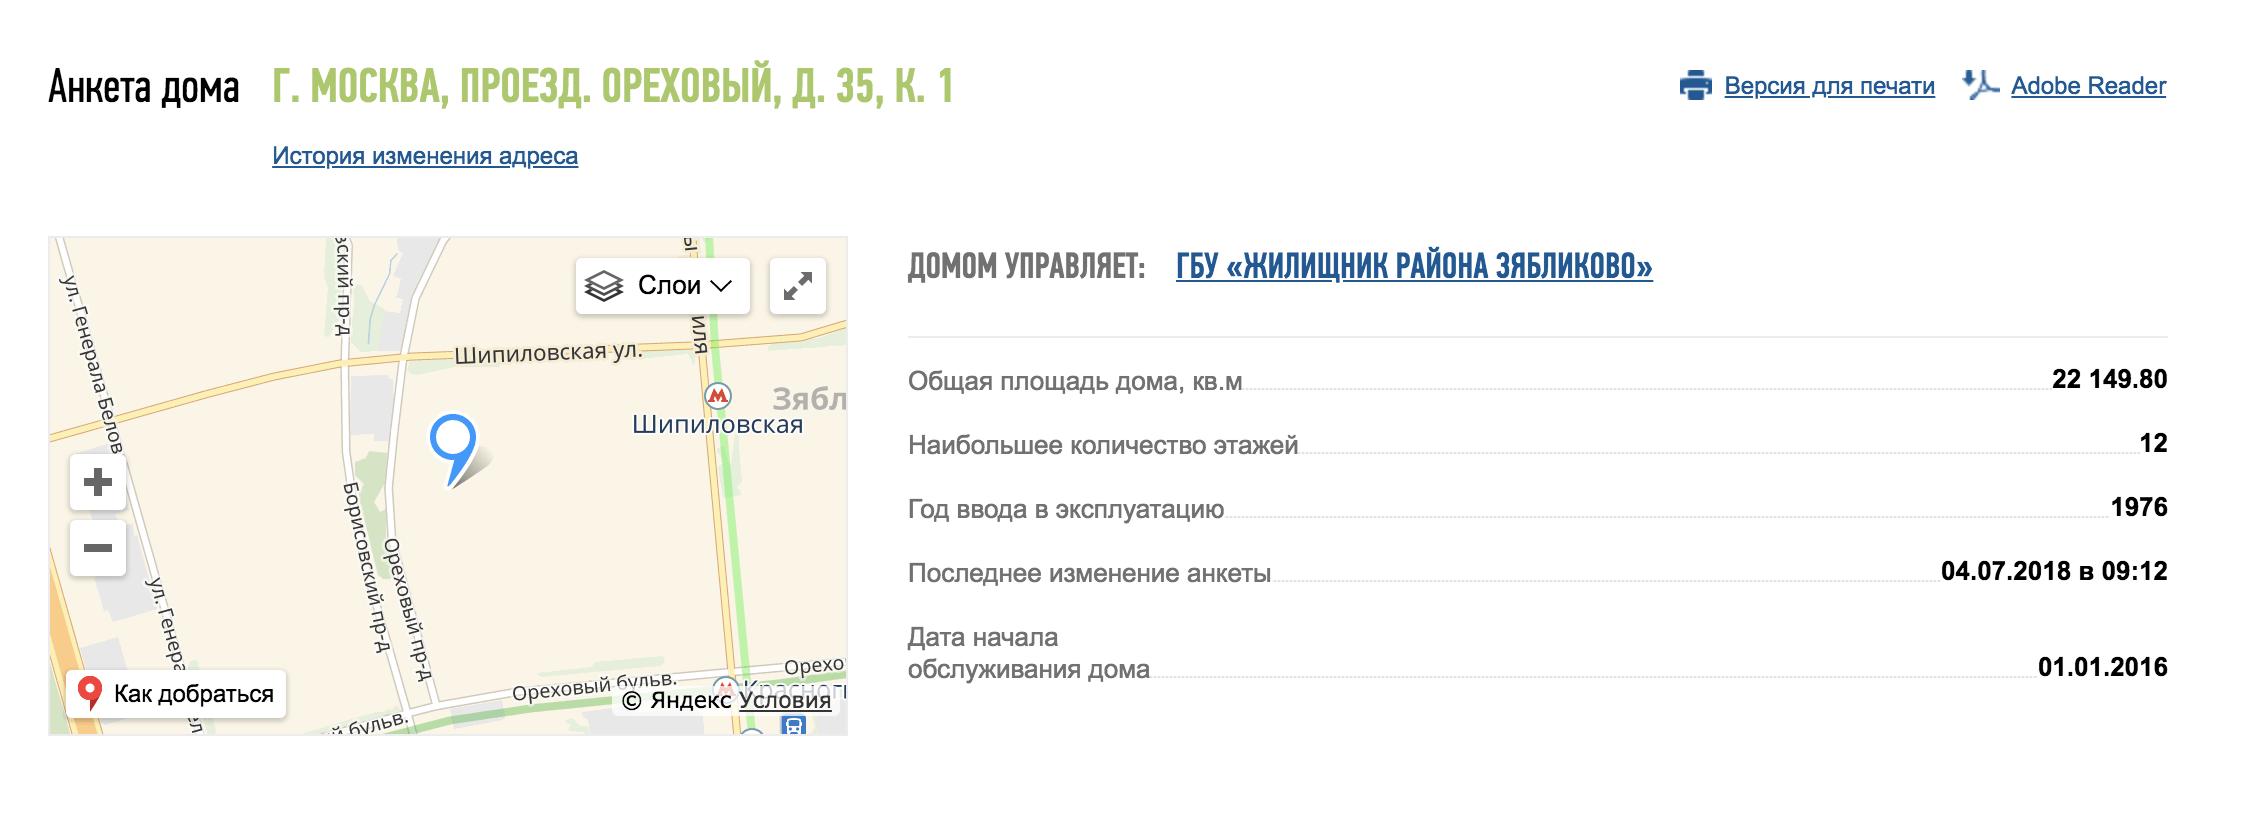 Карточка дома на сайте «Реформа ЖКХ». Можно посмотреть, какая УК управляет домом, есть общие сведения о его площади и этажности